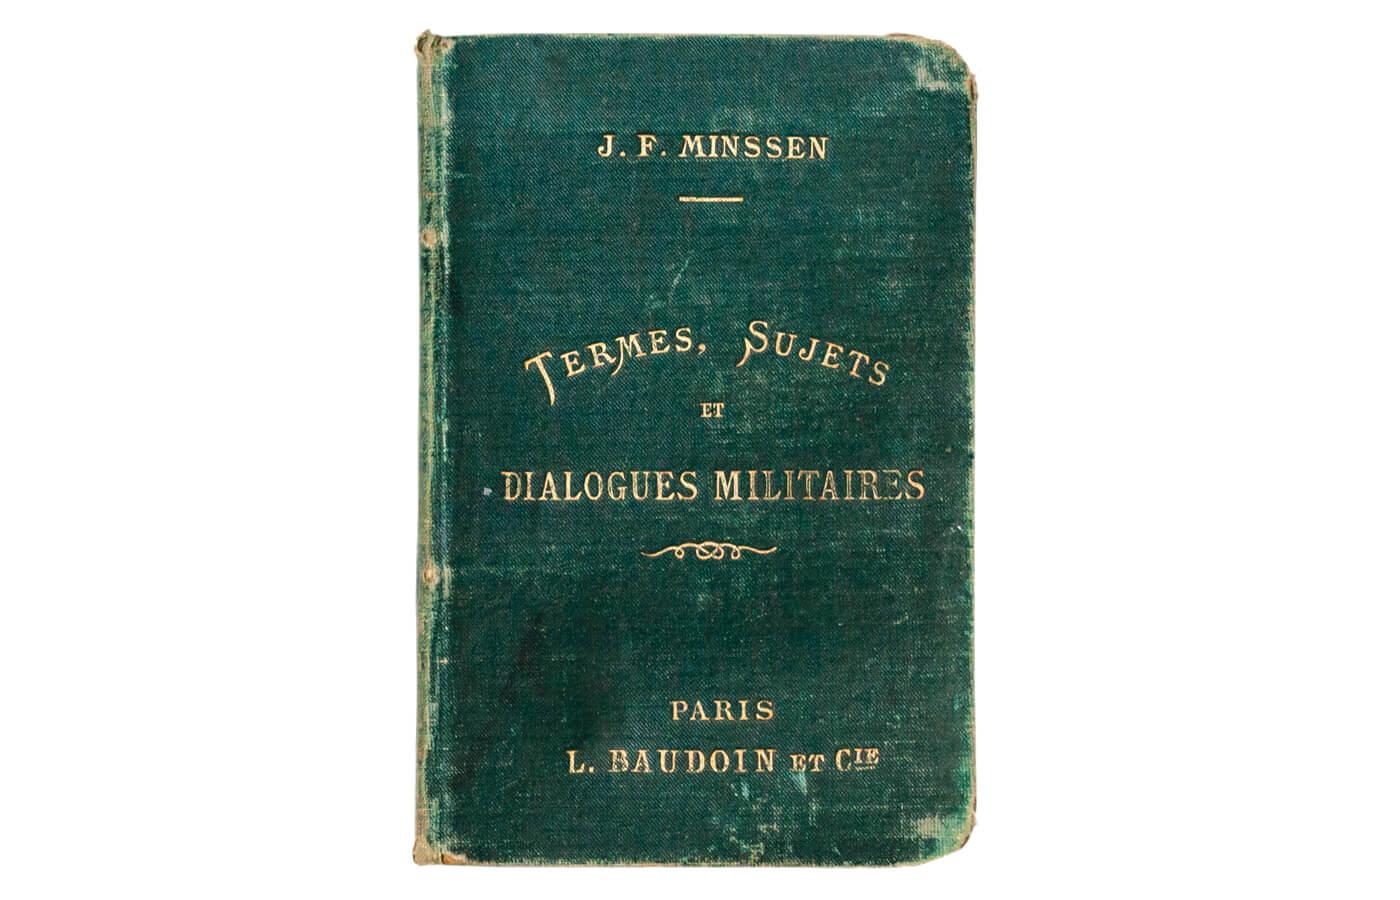 Termes, sujets et dialogues militaires